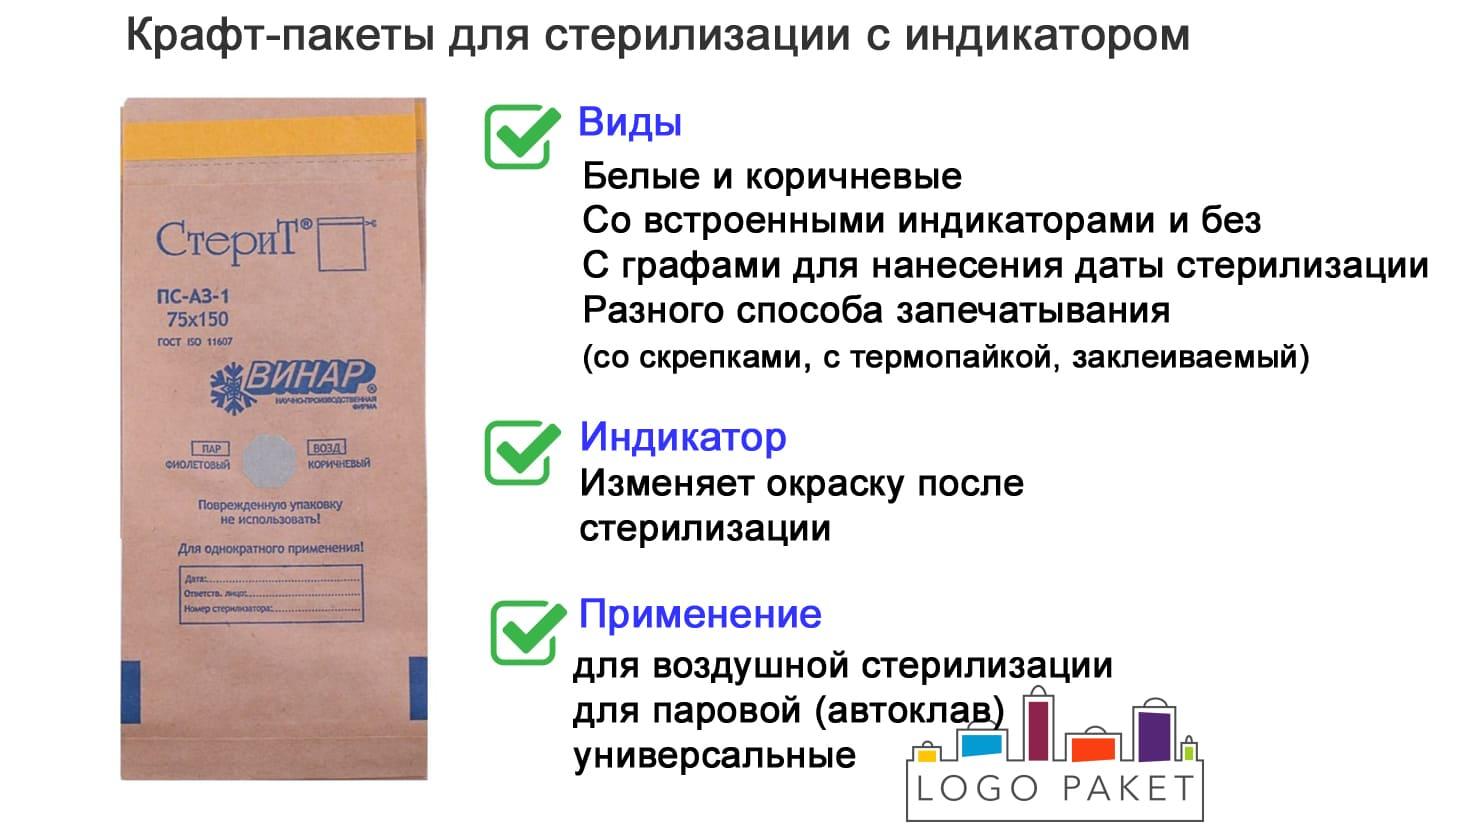 Крафт-пакет для стерилизации инфографика